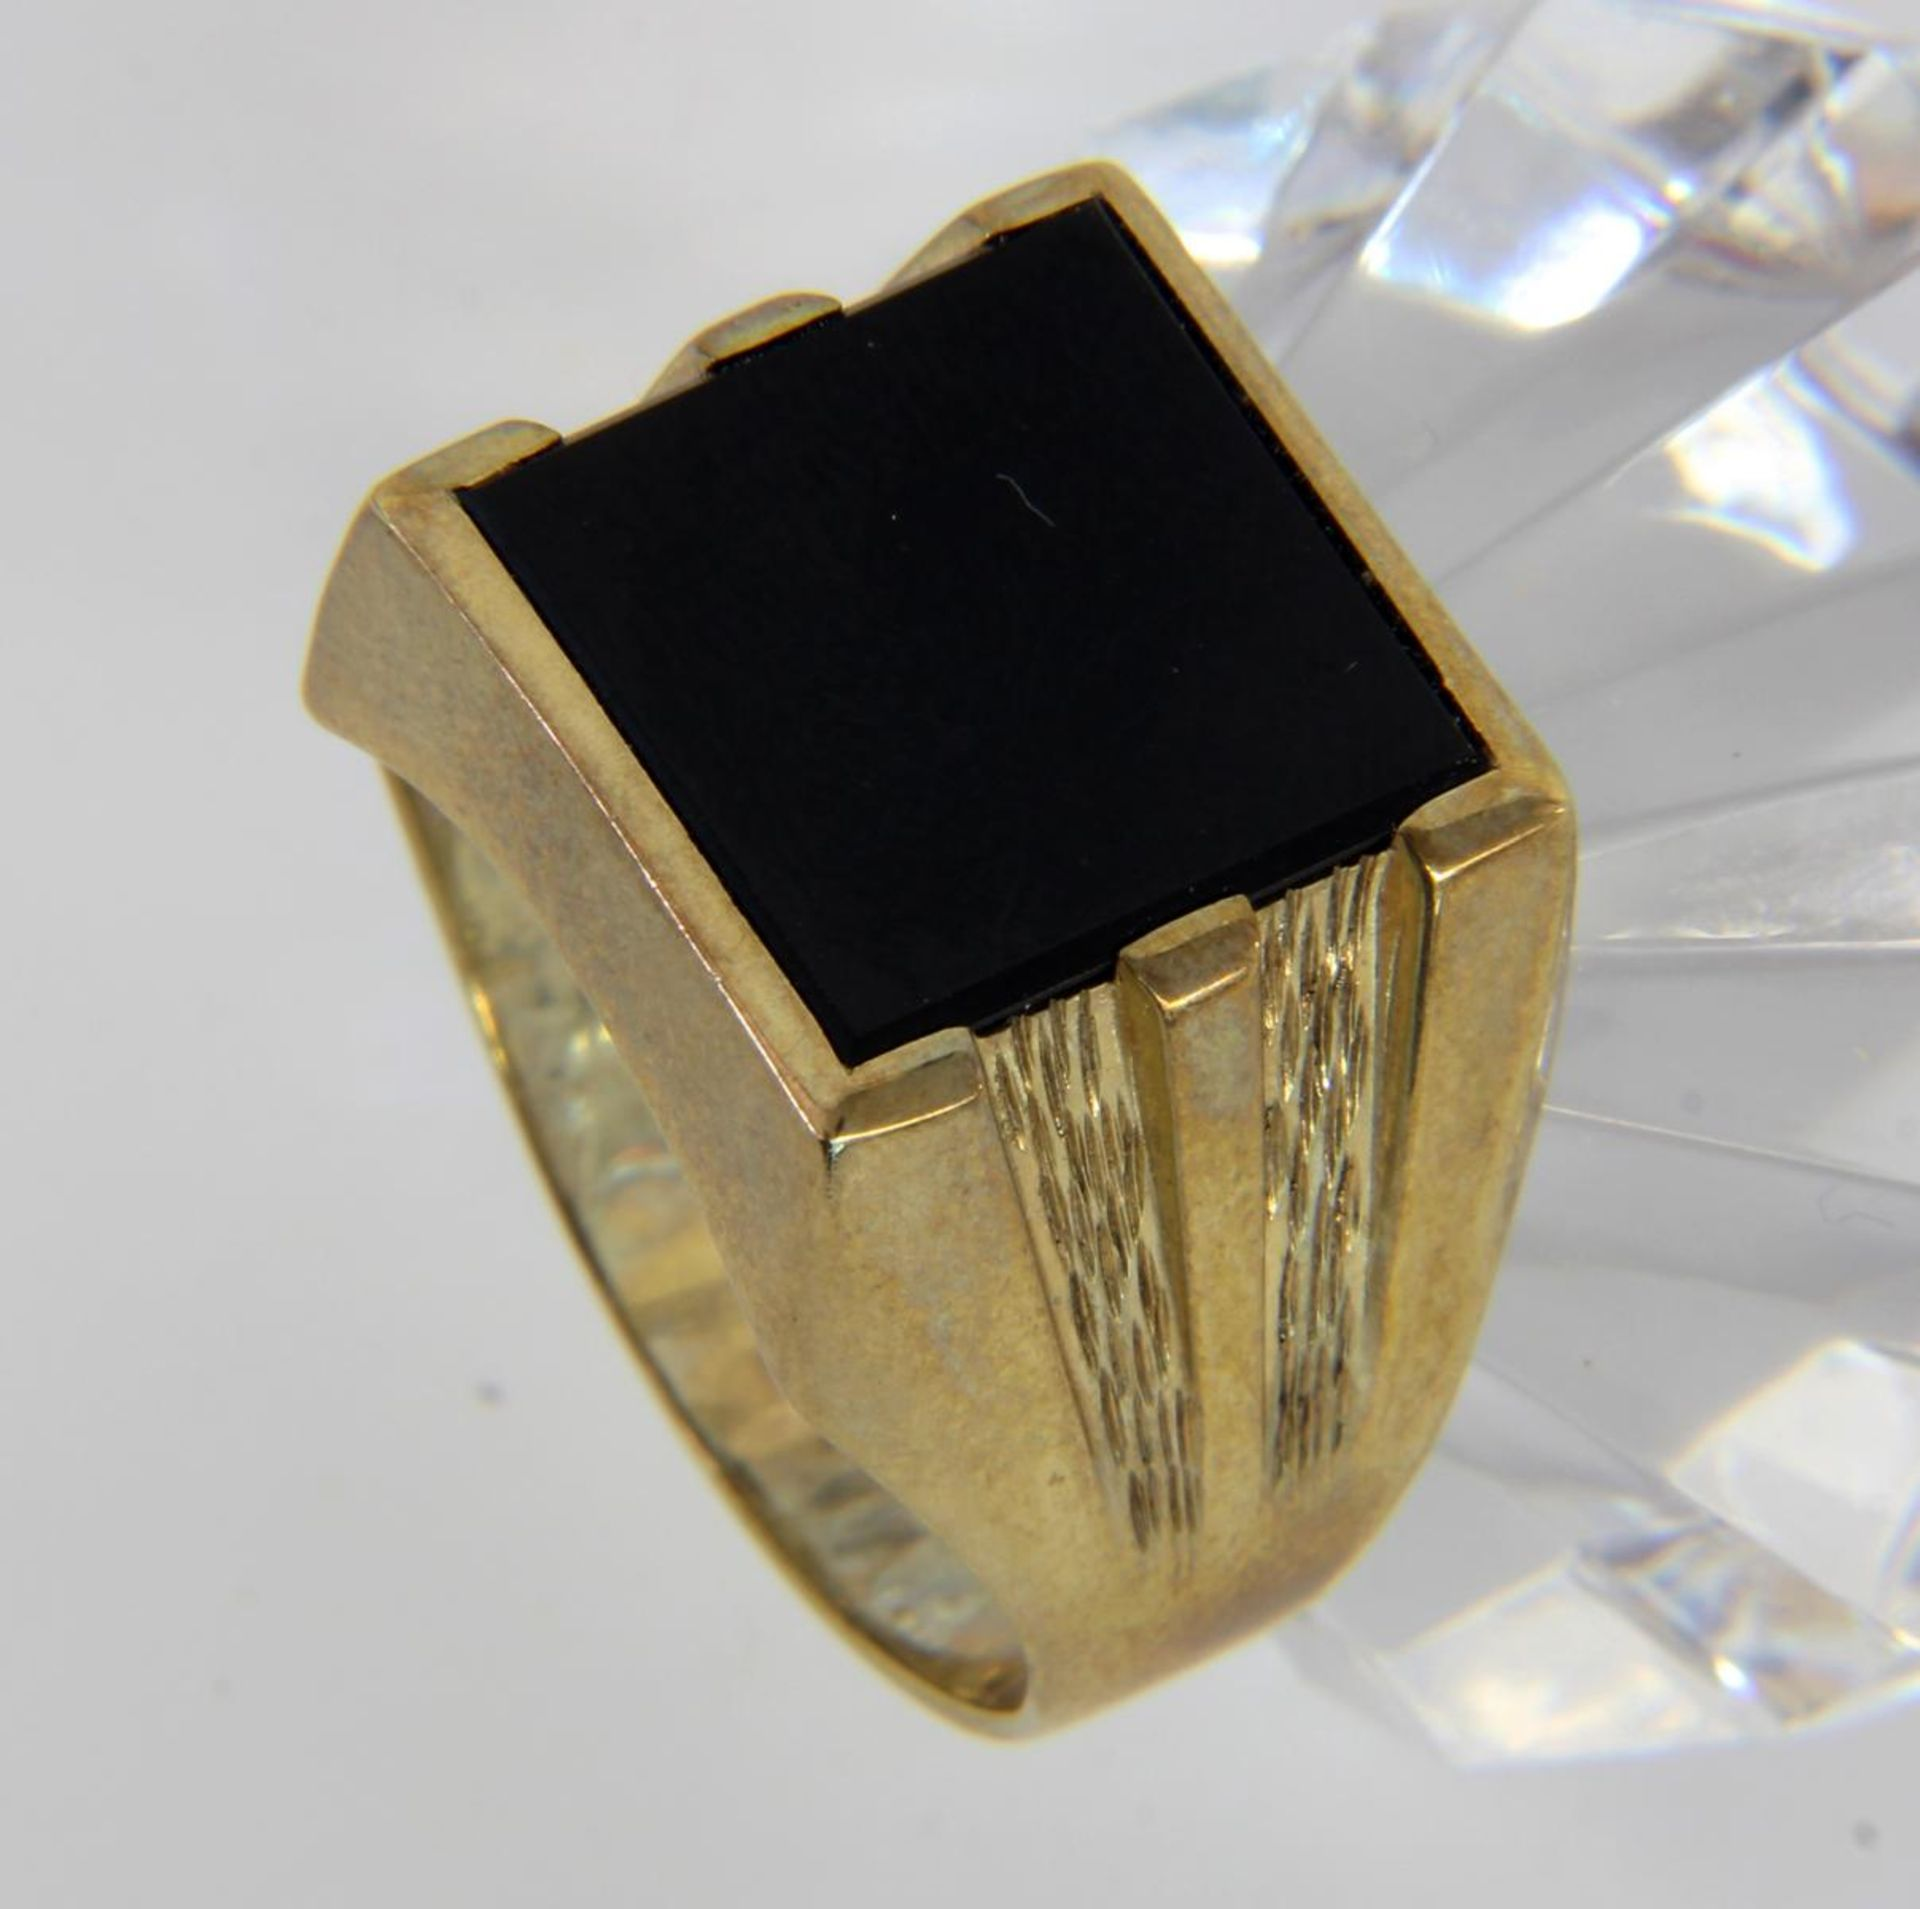 HERRENRING 333/000 Gelbgold mit Onyx.